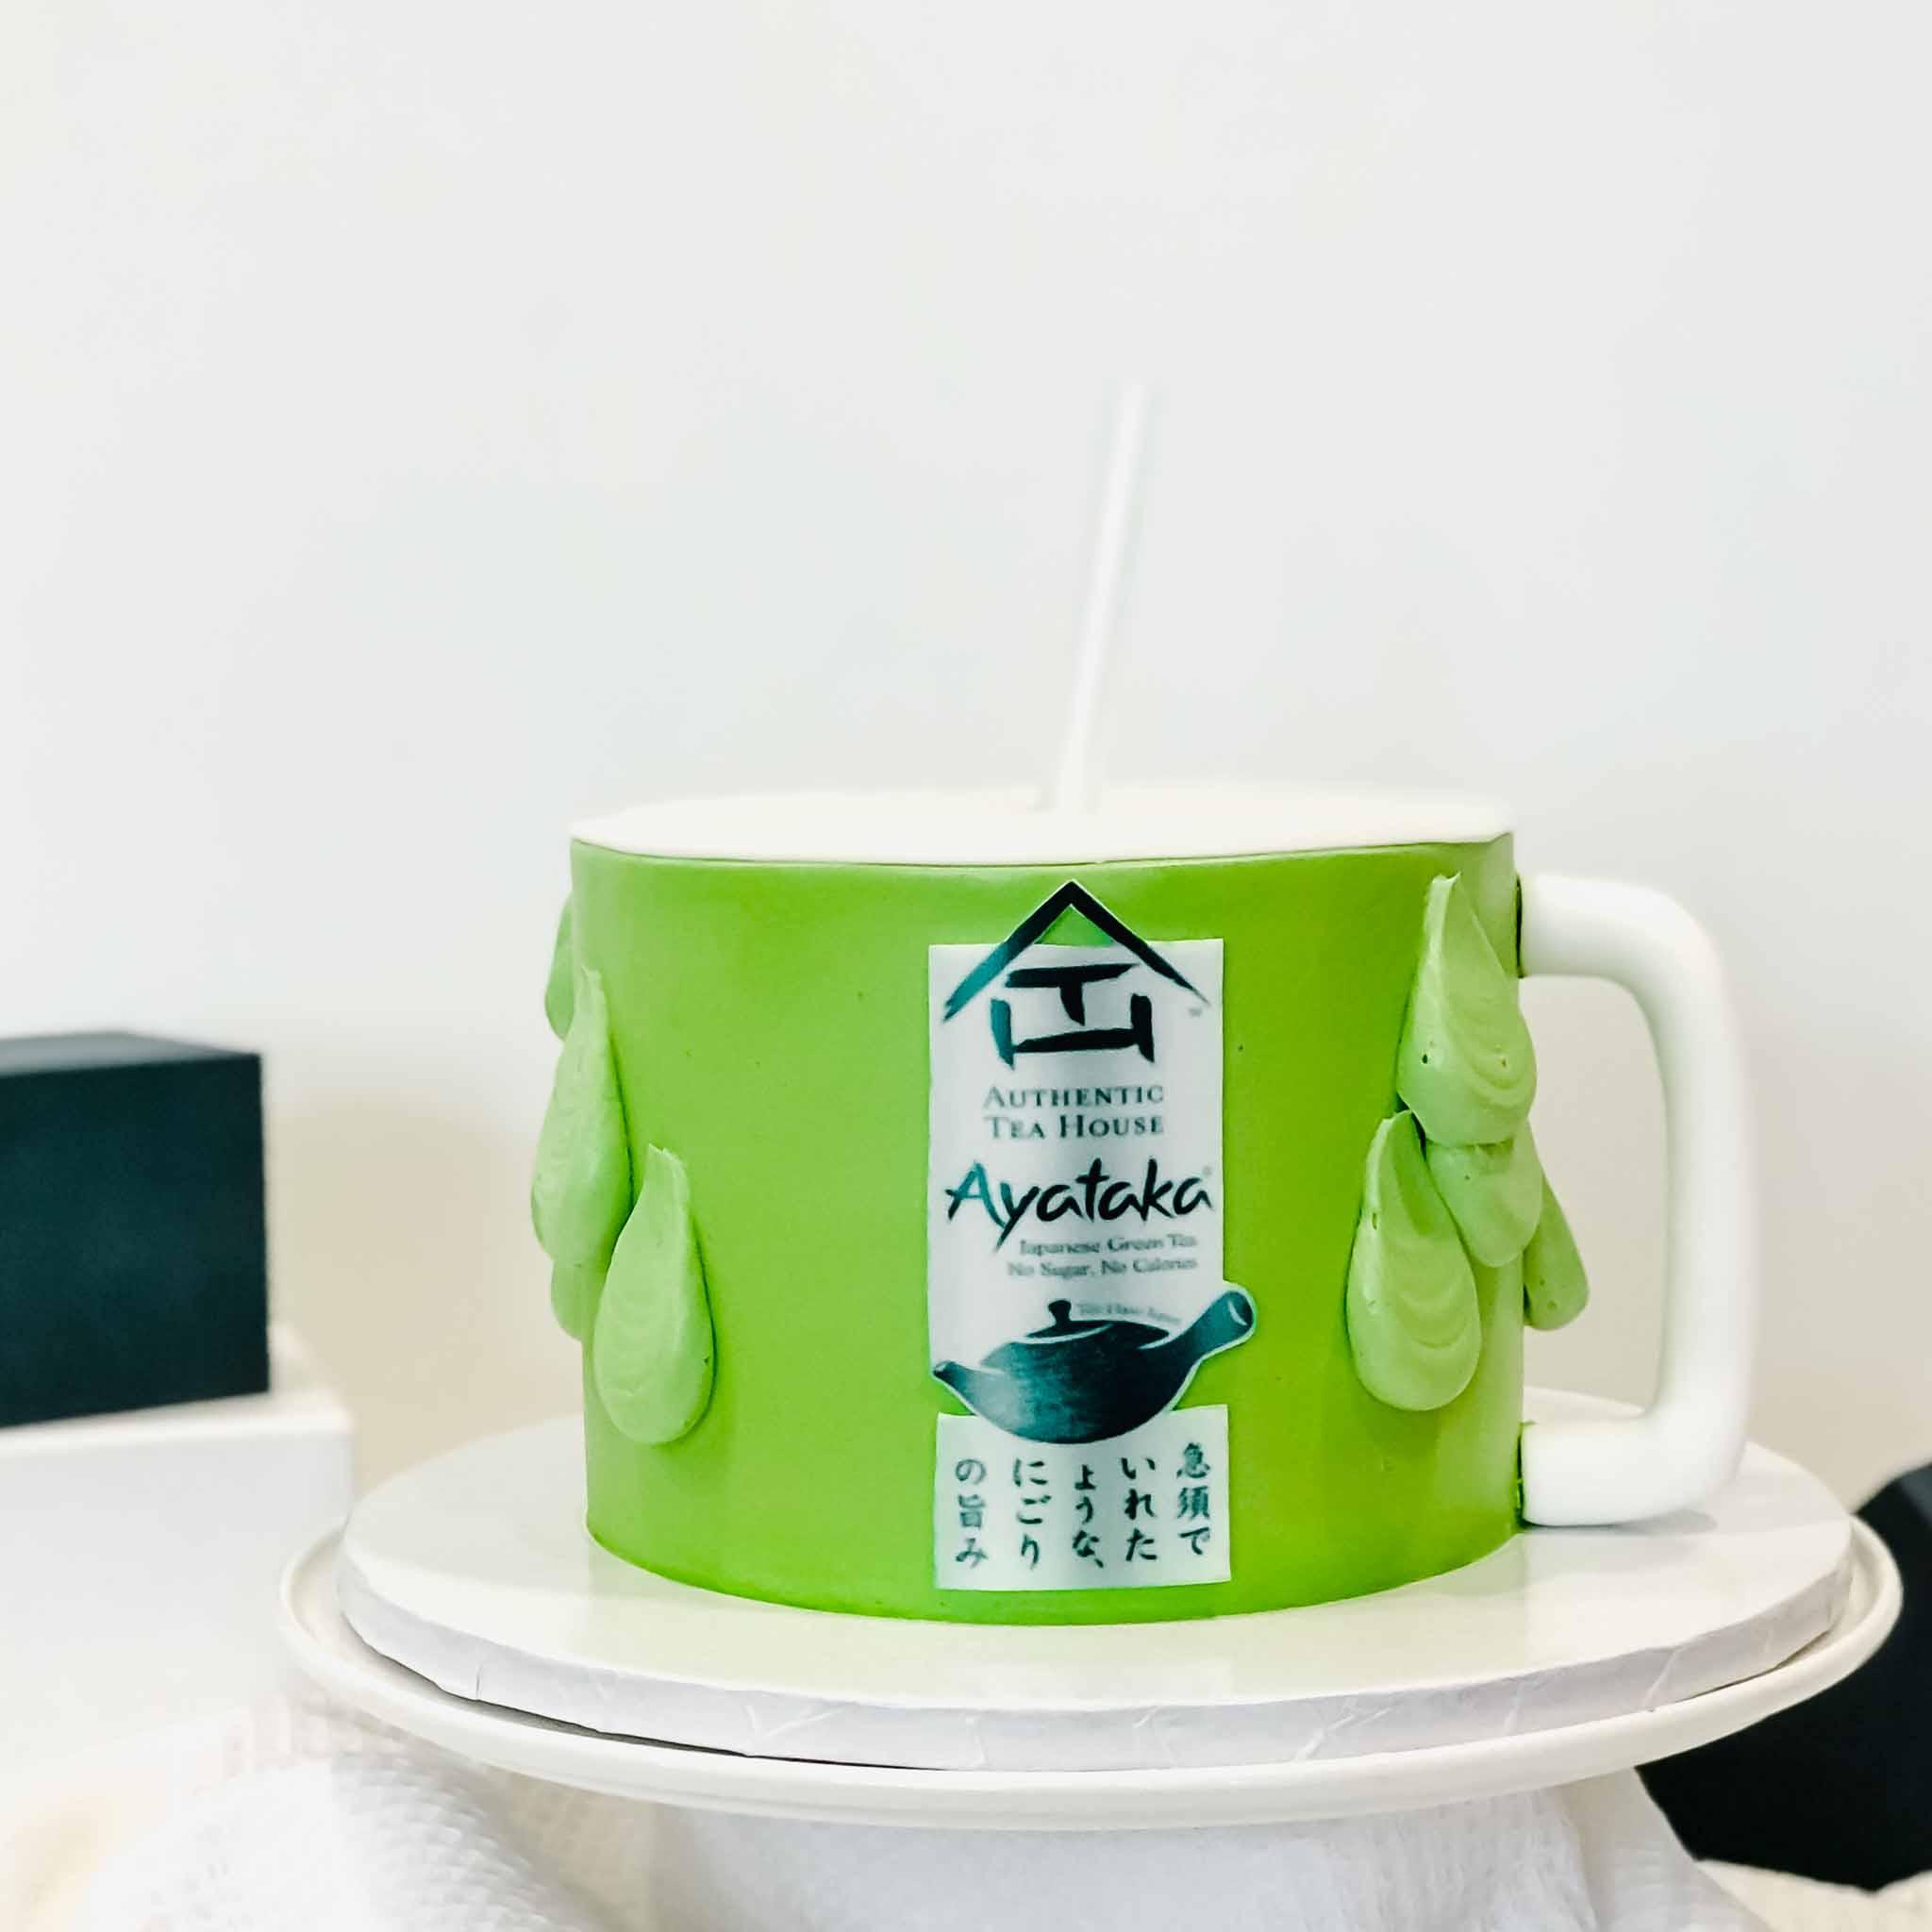 Drinkable Green Tea Mug Surprise Cake